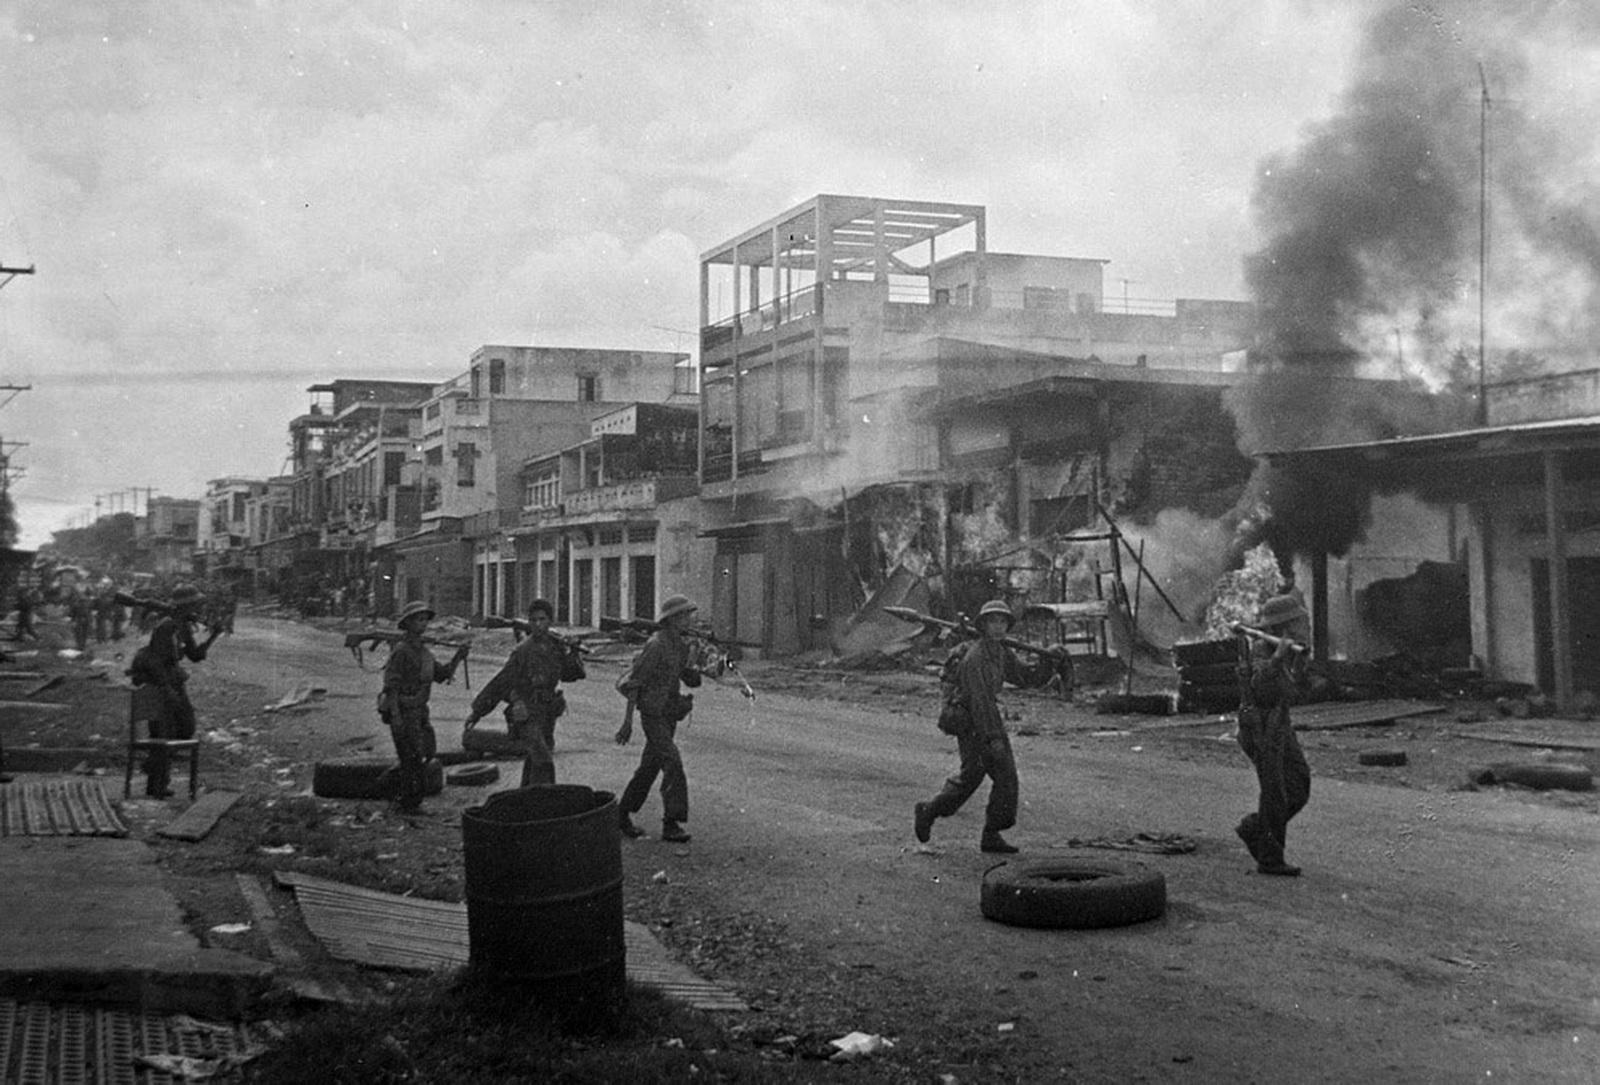 Chiến thắng vĩ đại Mùa Xuân 1975 Giải phóng miền Nam, thống nhất Tổ quốc - Ảnh 1